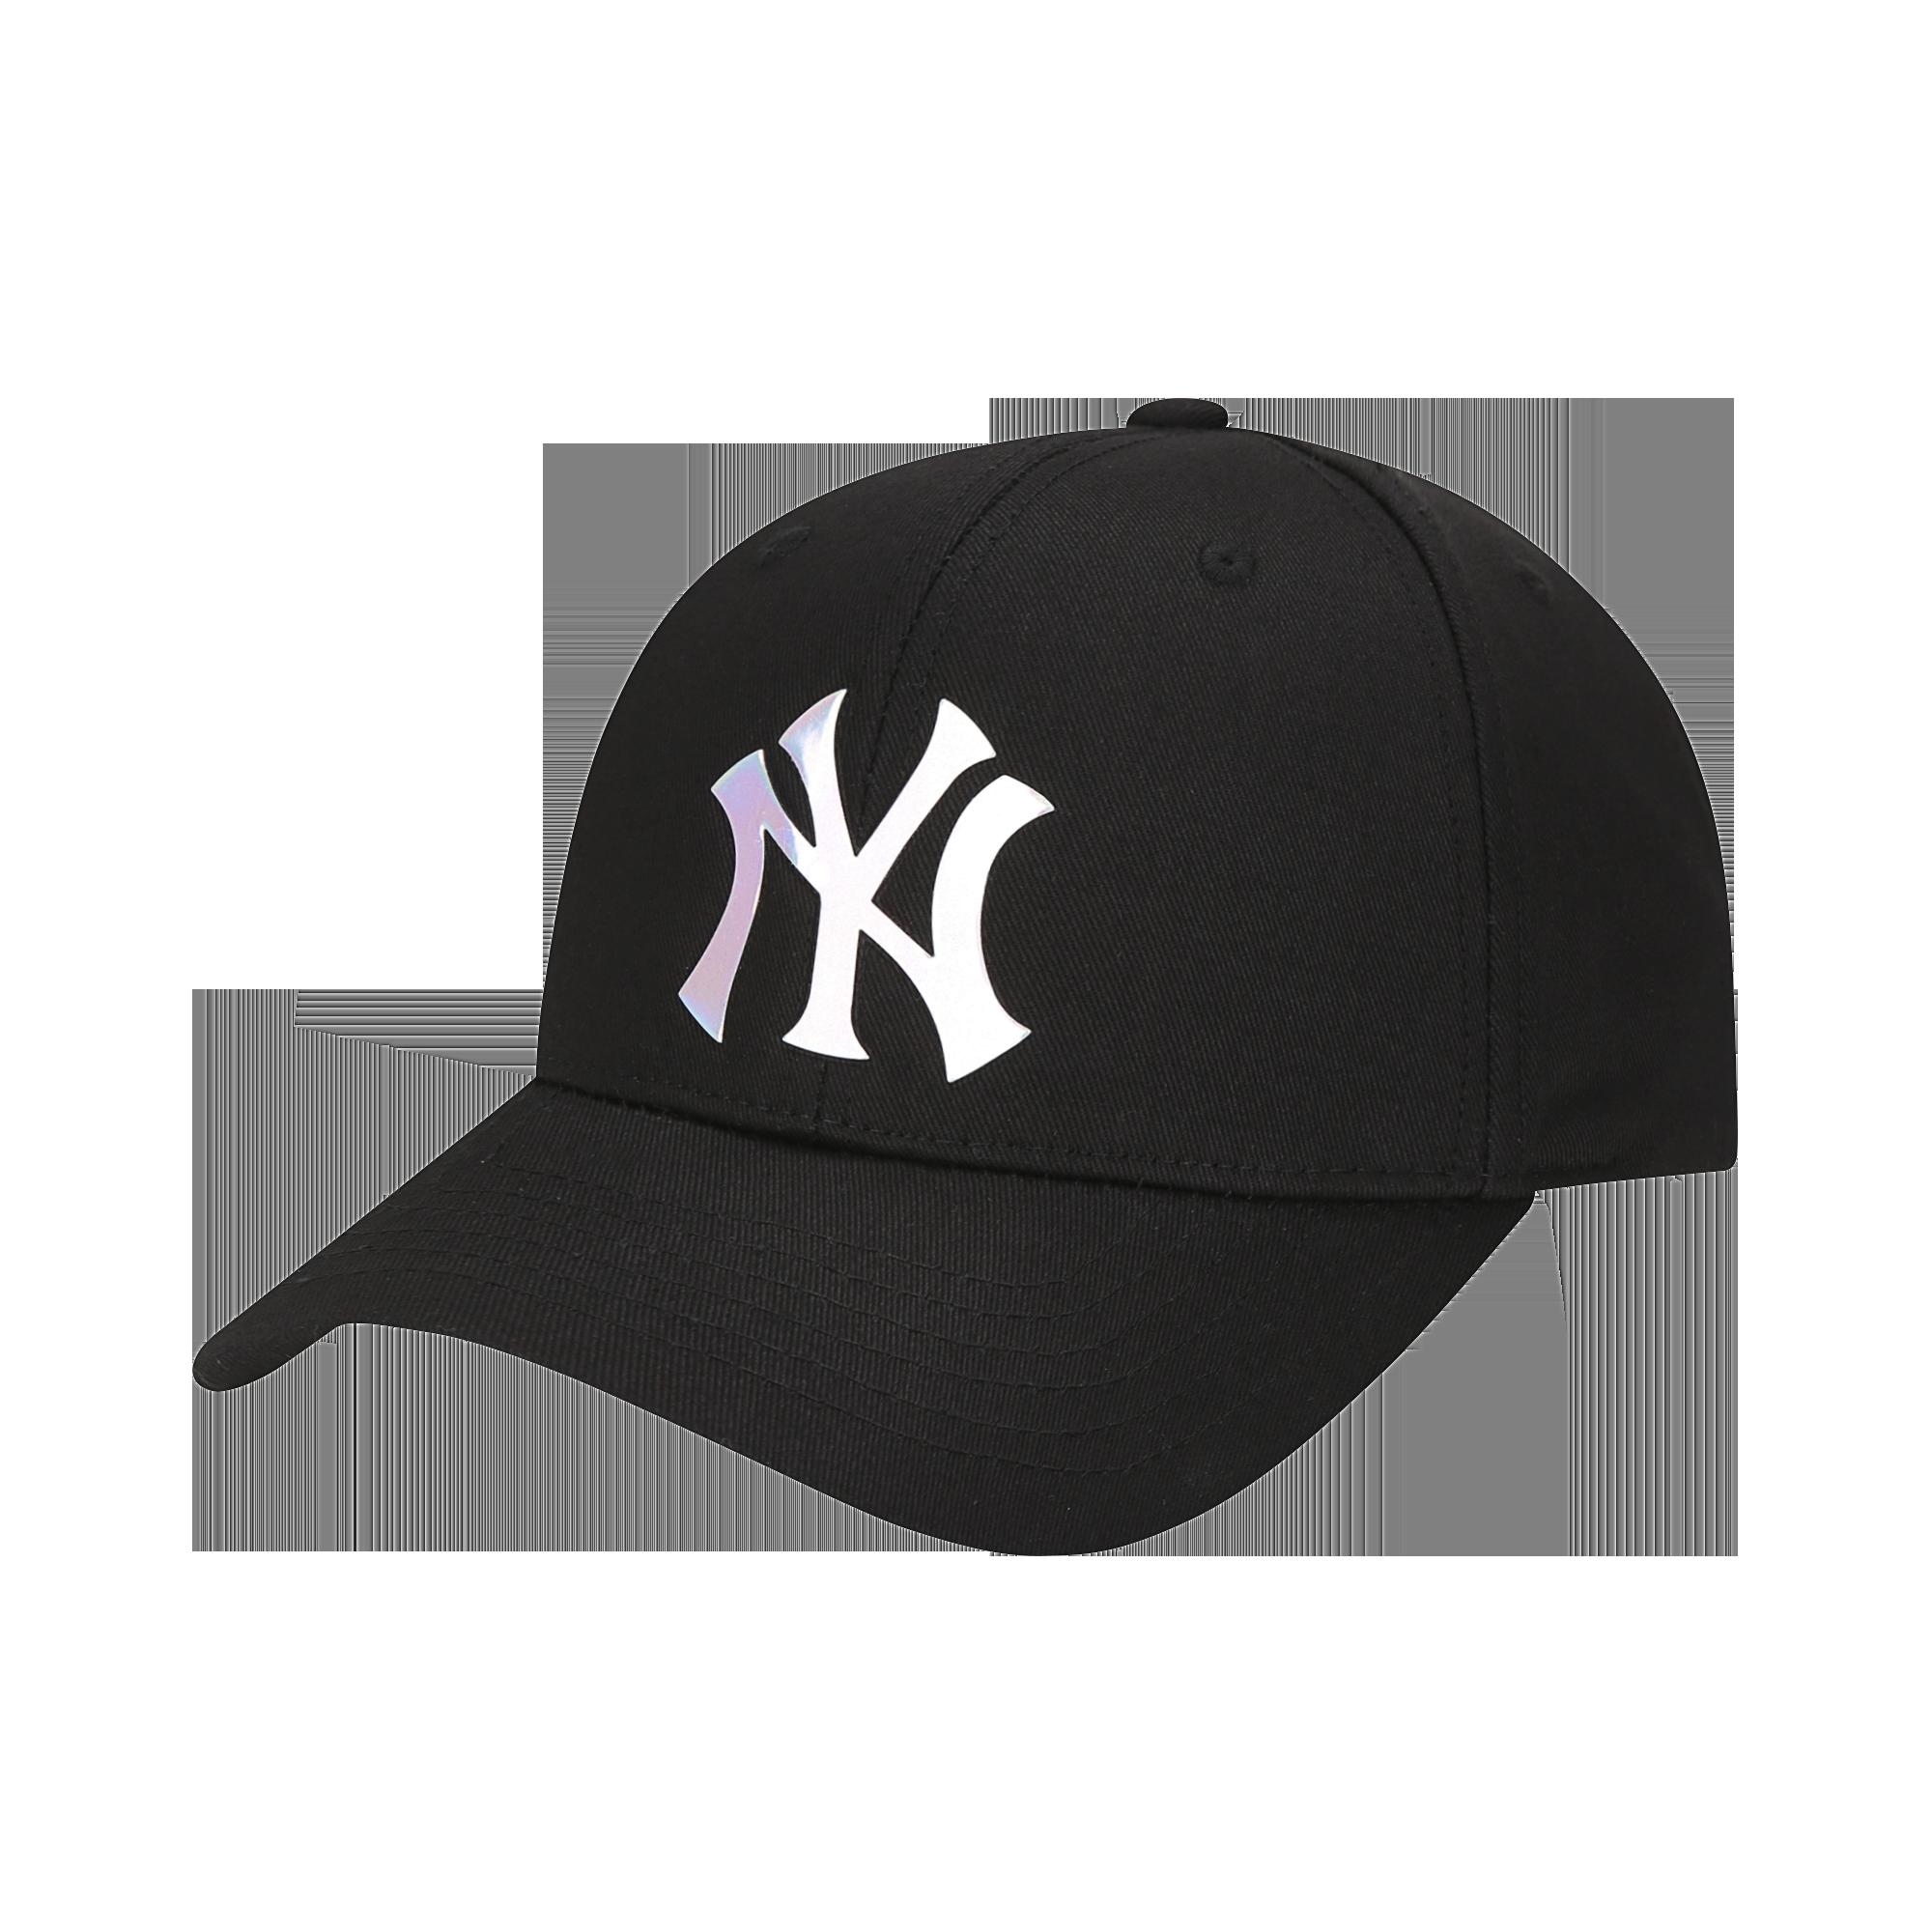 플랫 글리터 커브조절캡 뉴욕양키스